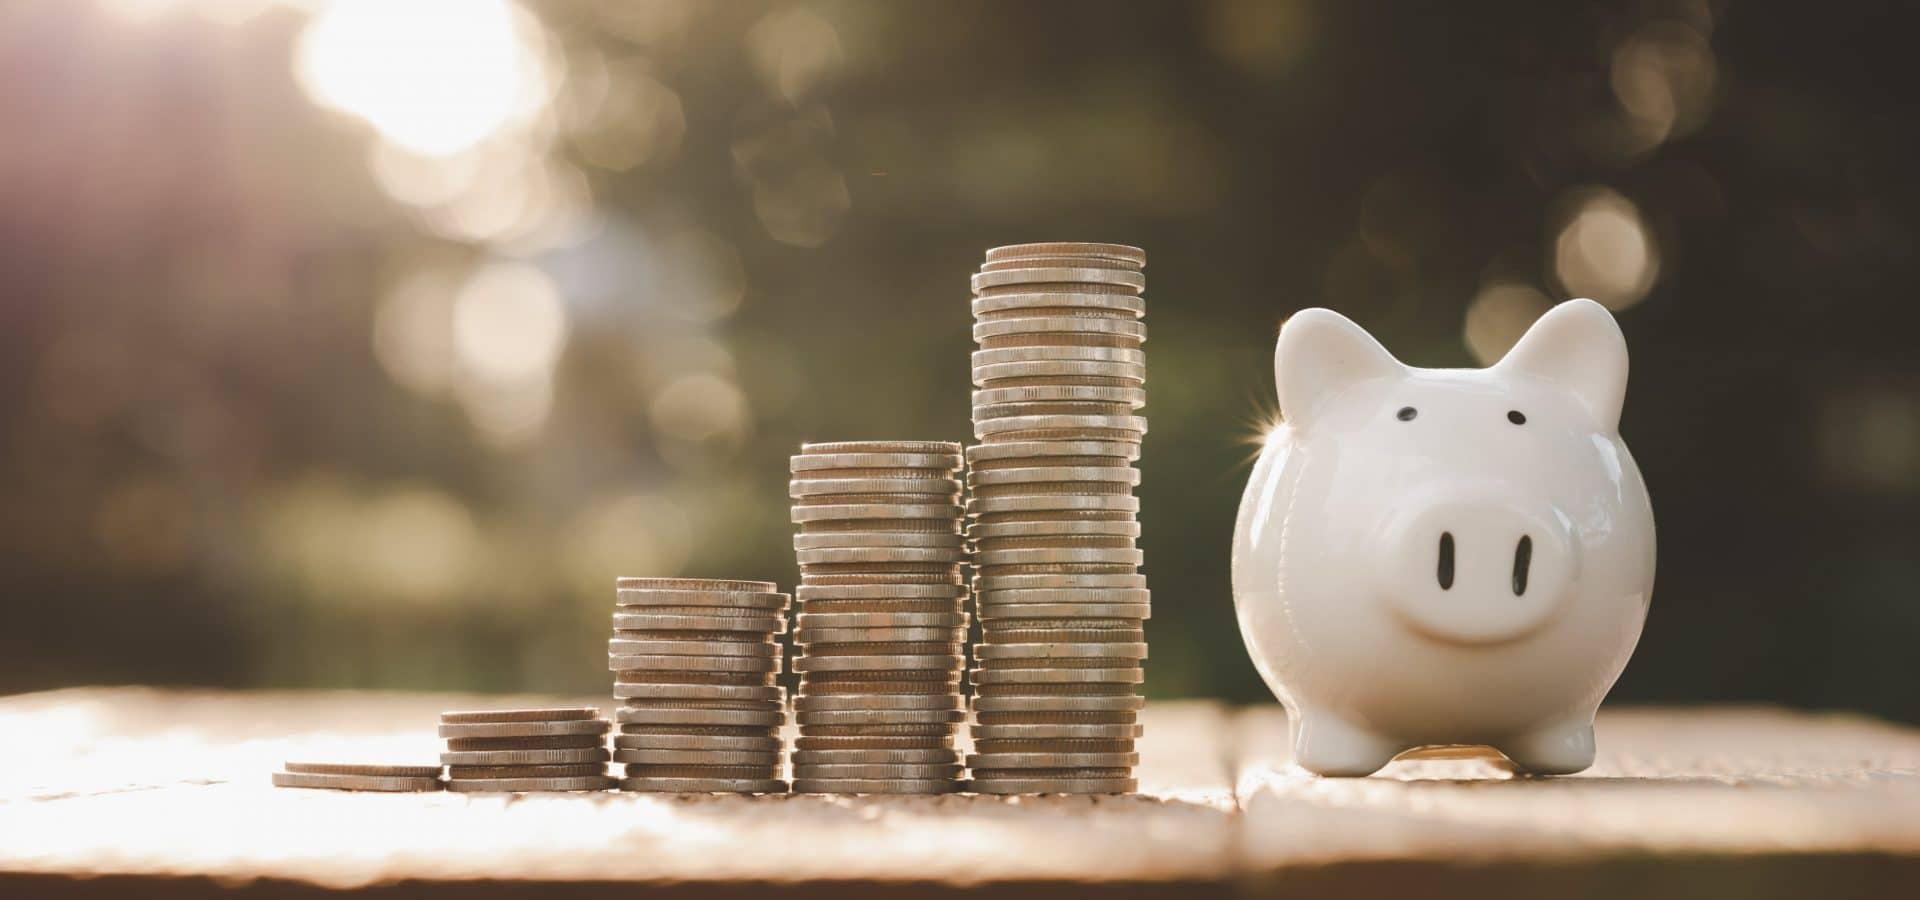 Épargnants, vous perdez de l'argent … Réagissez !